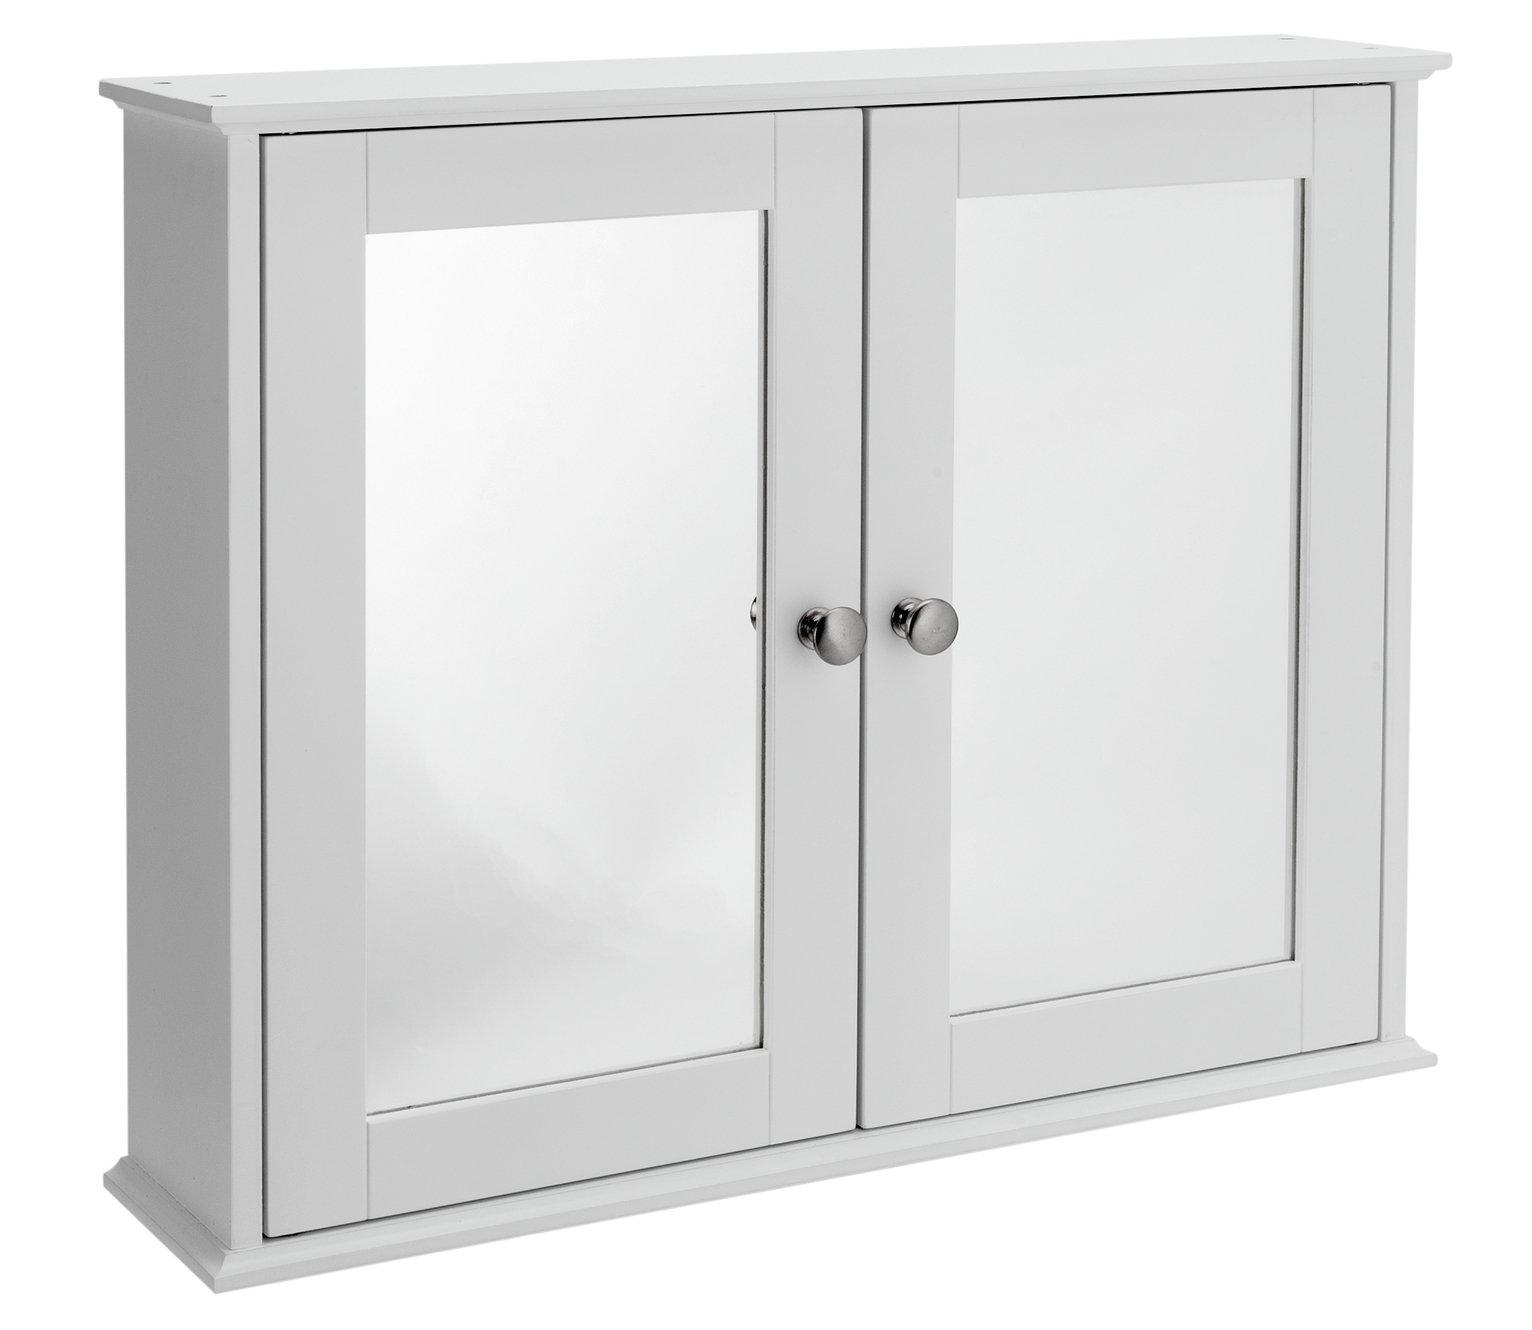 Bathroom Cabinets 50cm Wide bathroom cabinets | argos